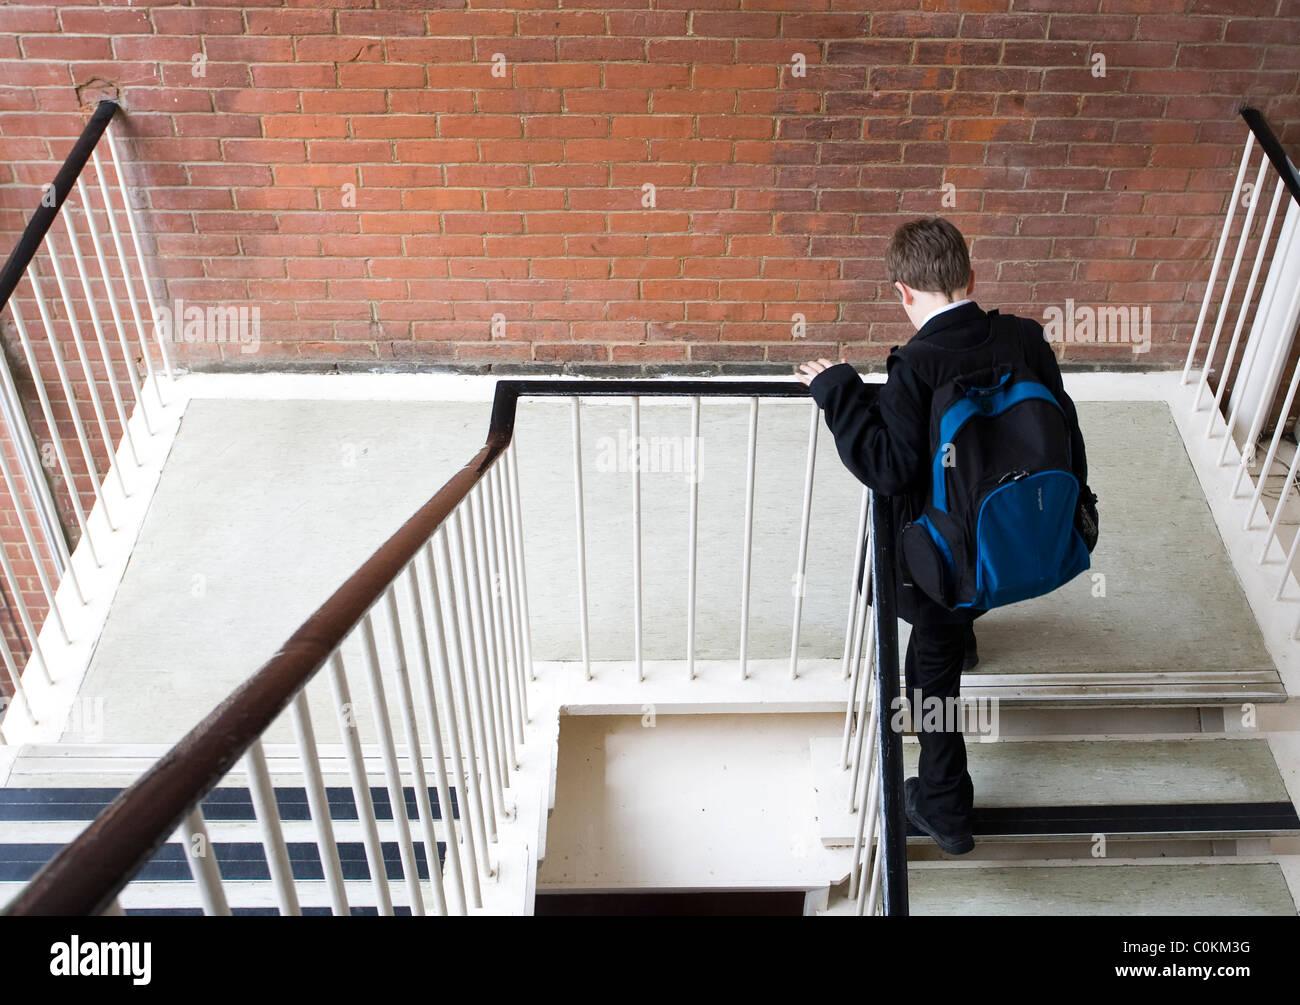 Los alumnos subir escalones en Maidstone Grammar School en Maidstone, Kent, Reino Unido. Imagen De Stock